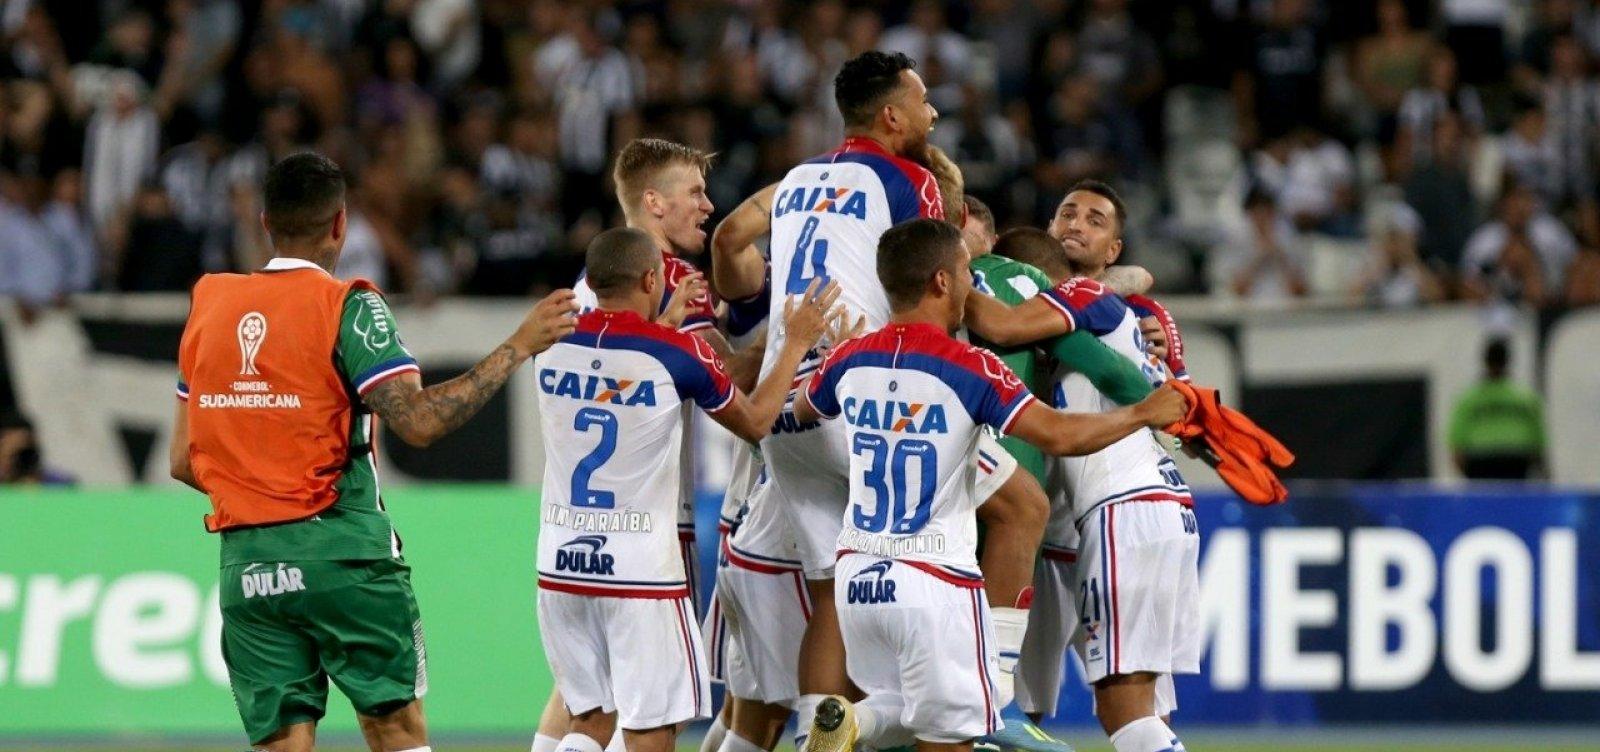 Enderson fala de dificuldades em escalar time do Bahia e nega que vá poupar atletas